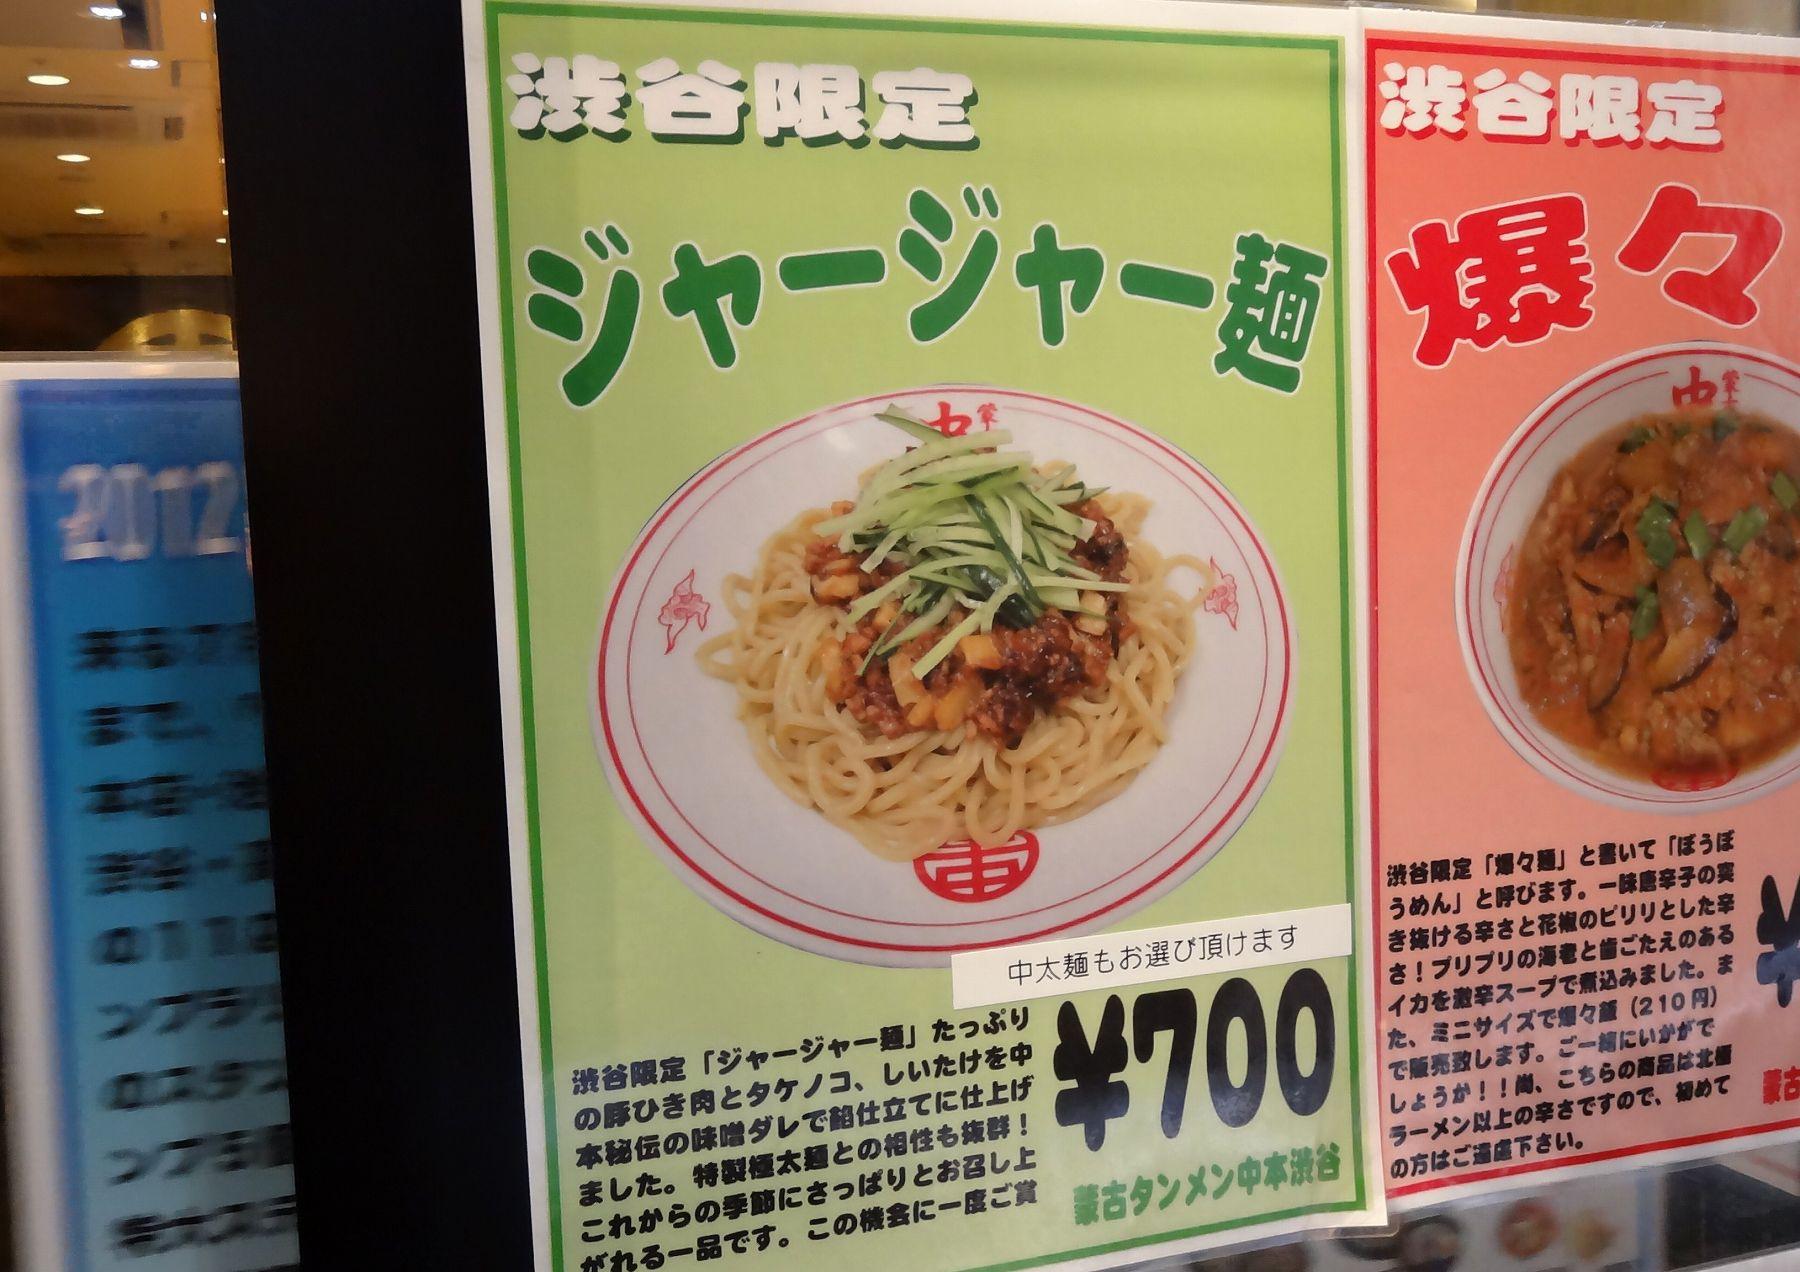 20120914014na-shibuya.jpg